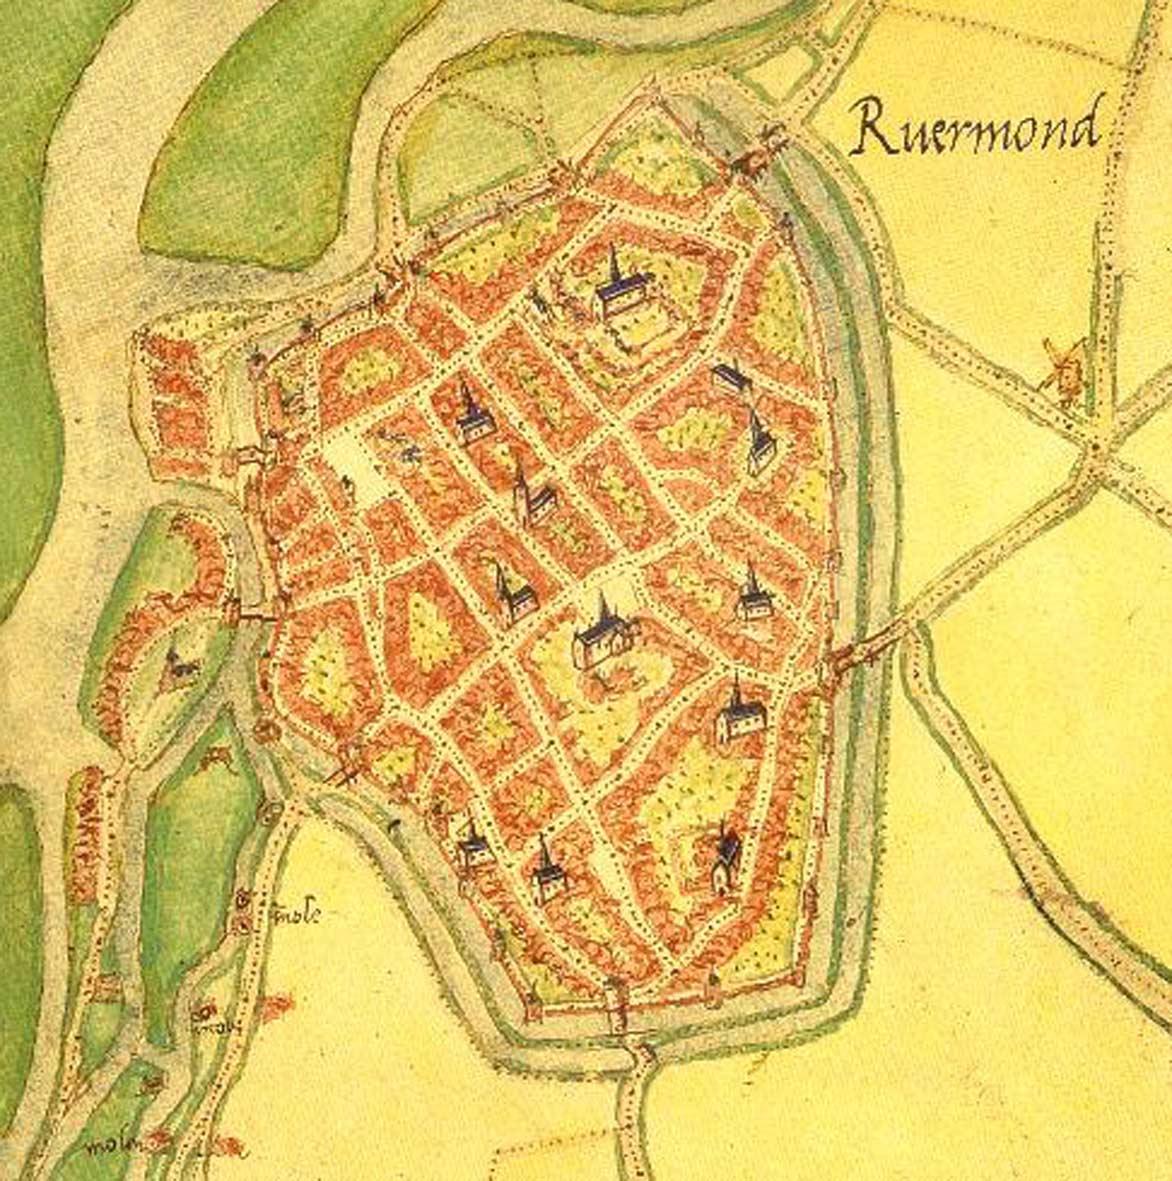 STadsplattegrond van Roermond, Jacob van Deventer 155